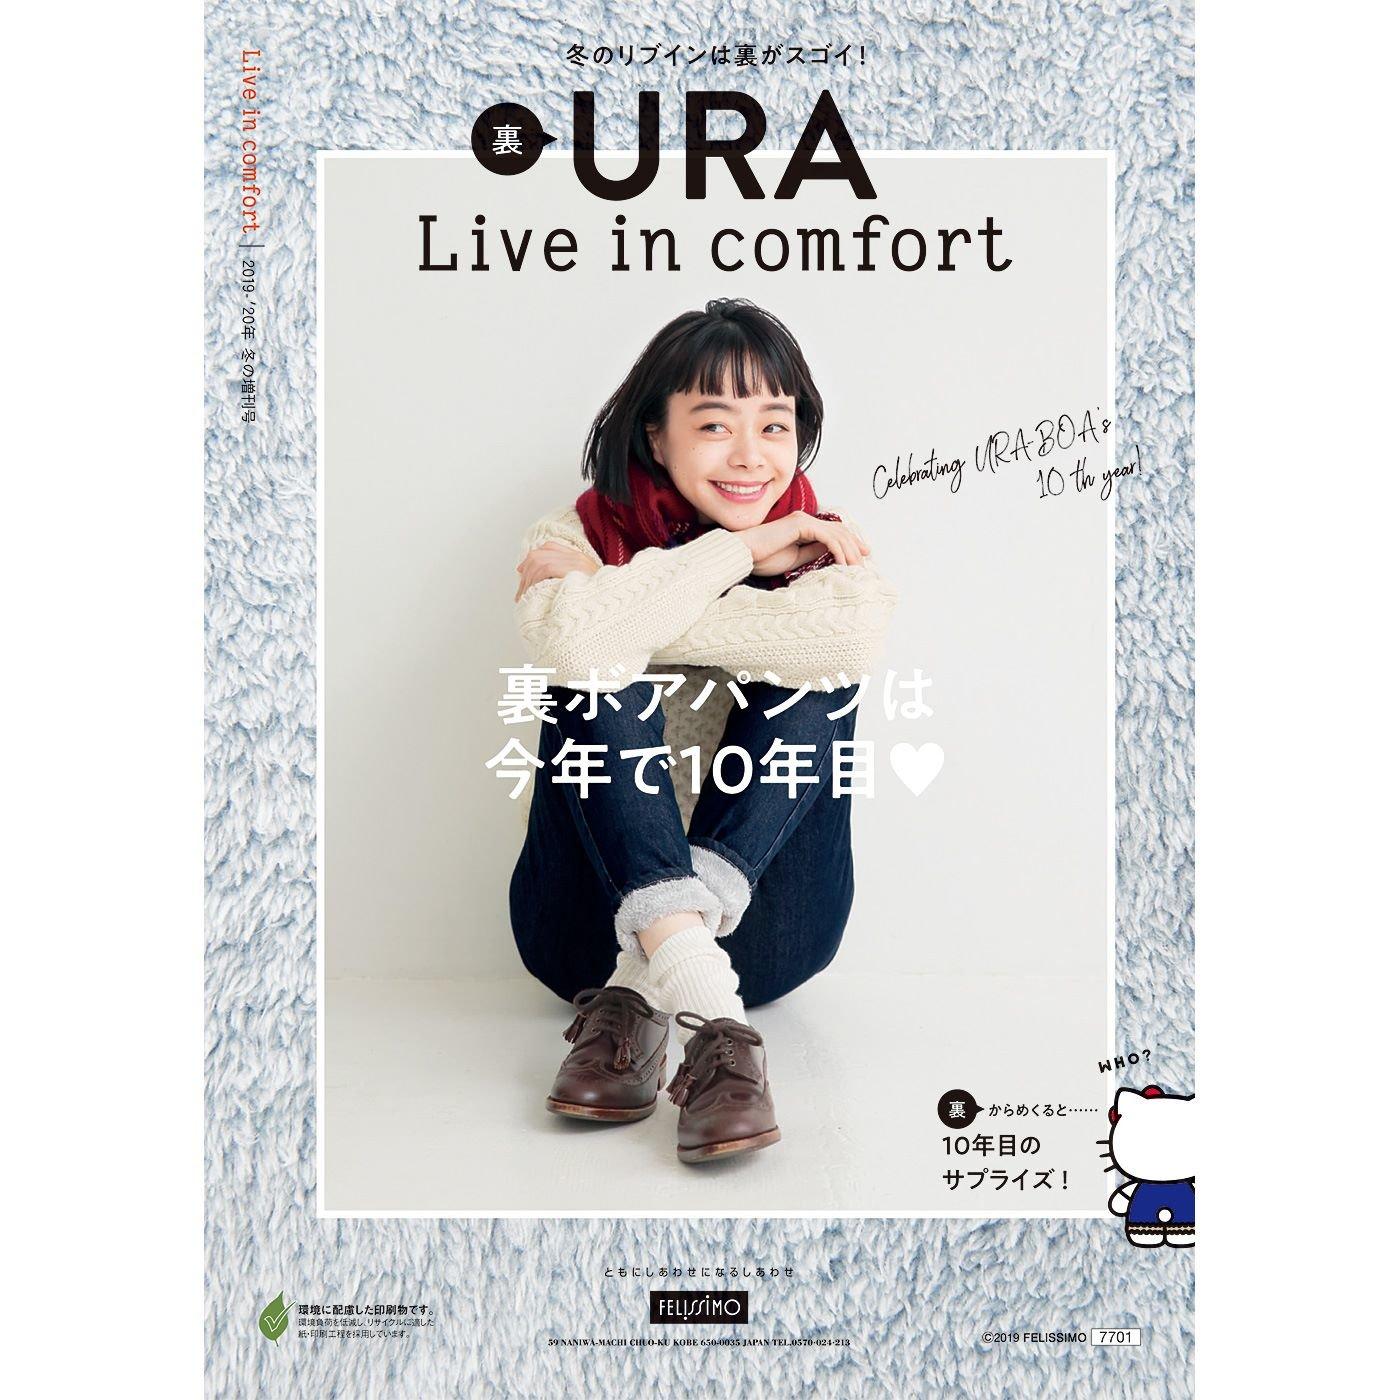 Live in comfort[リブ イン コンフォート] 冬の増刊号